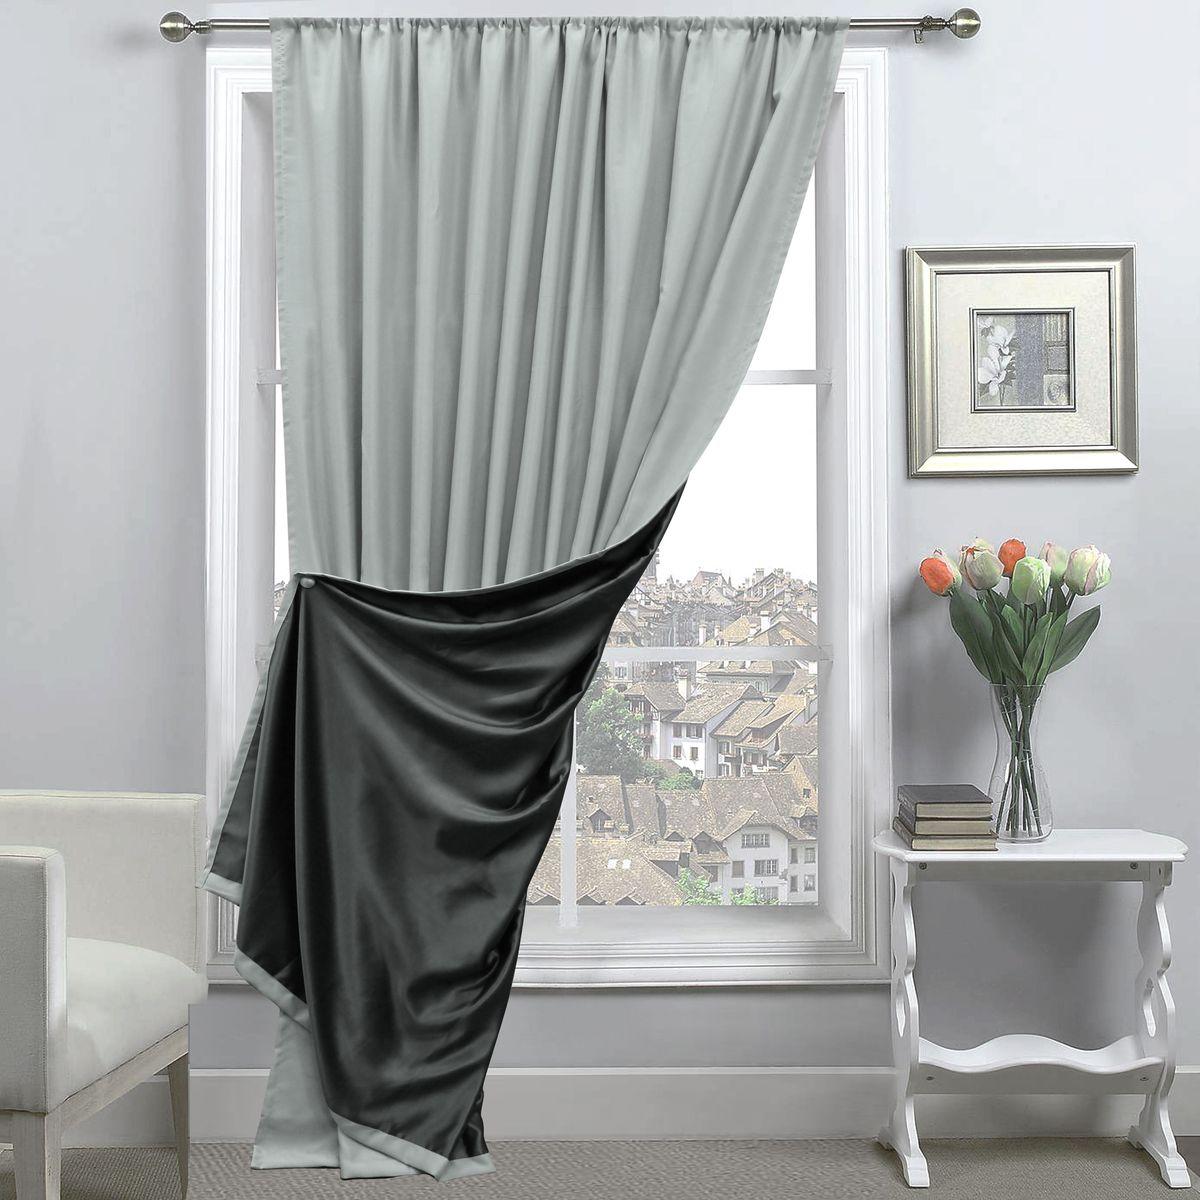 Портьера Amore Mio, 200 х 270 см, 1 шт., серый. 8516685166